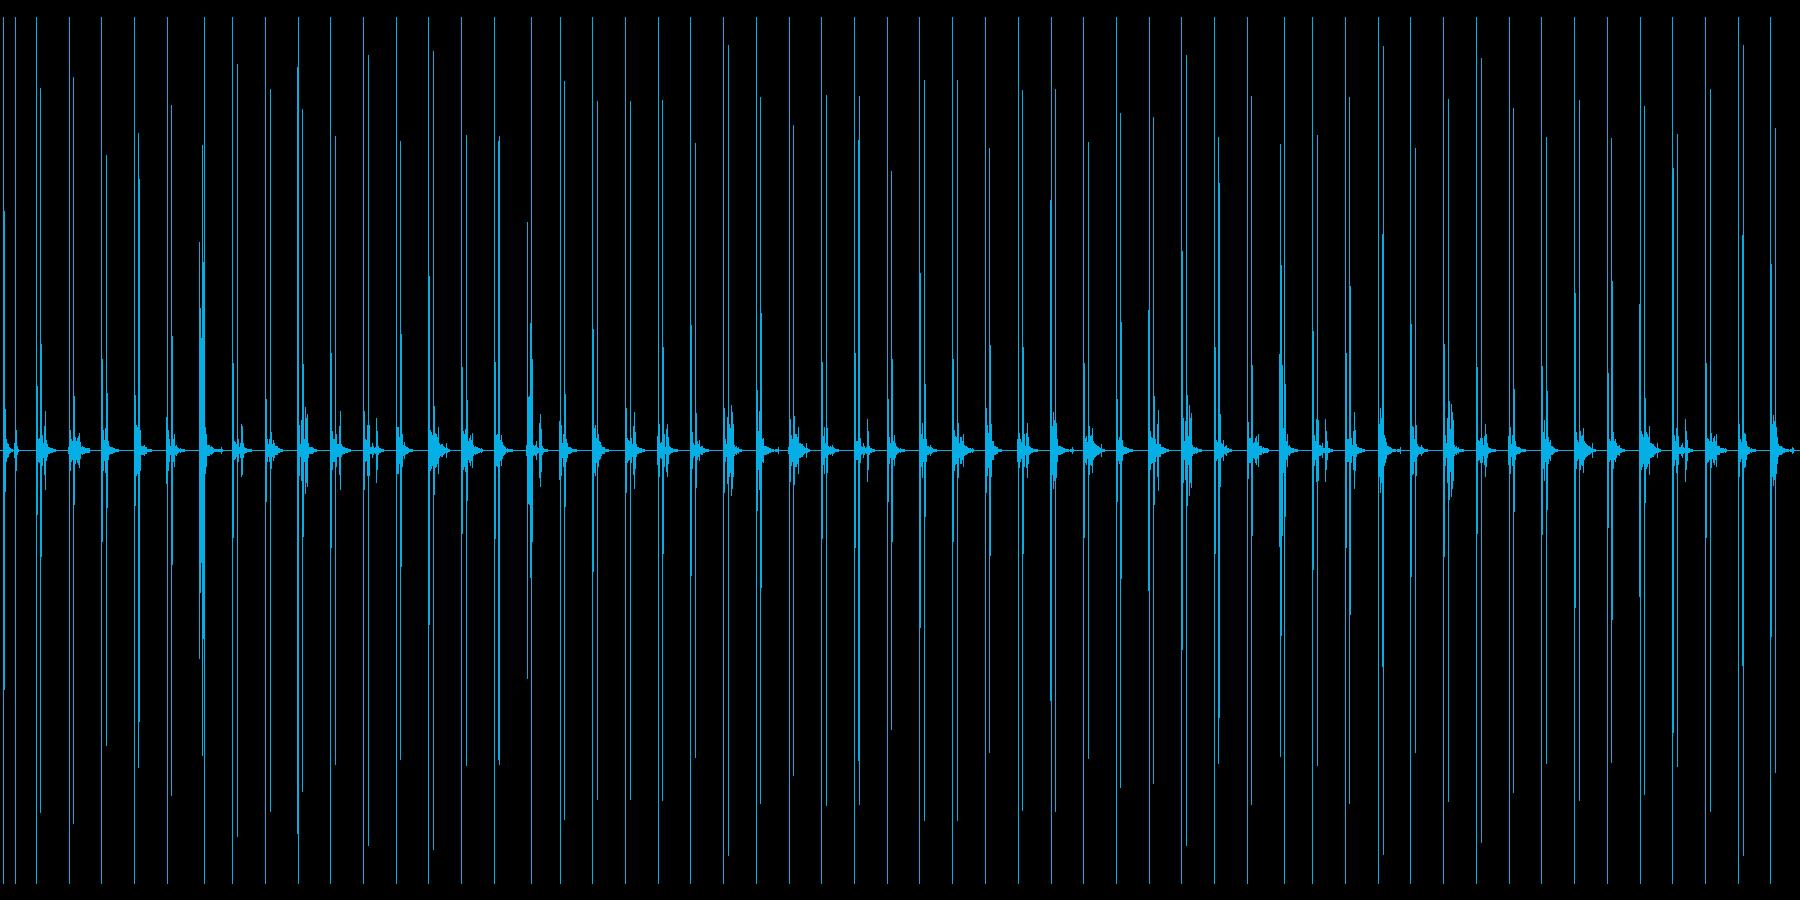 汎用性のあるハイヒールで走る音の再生済みの波形